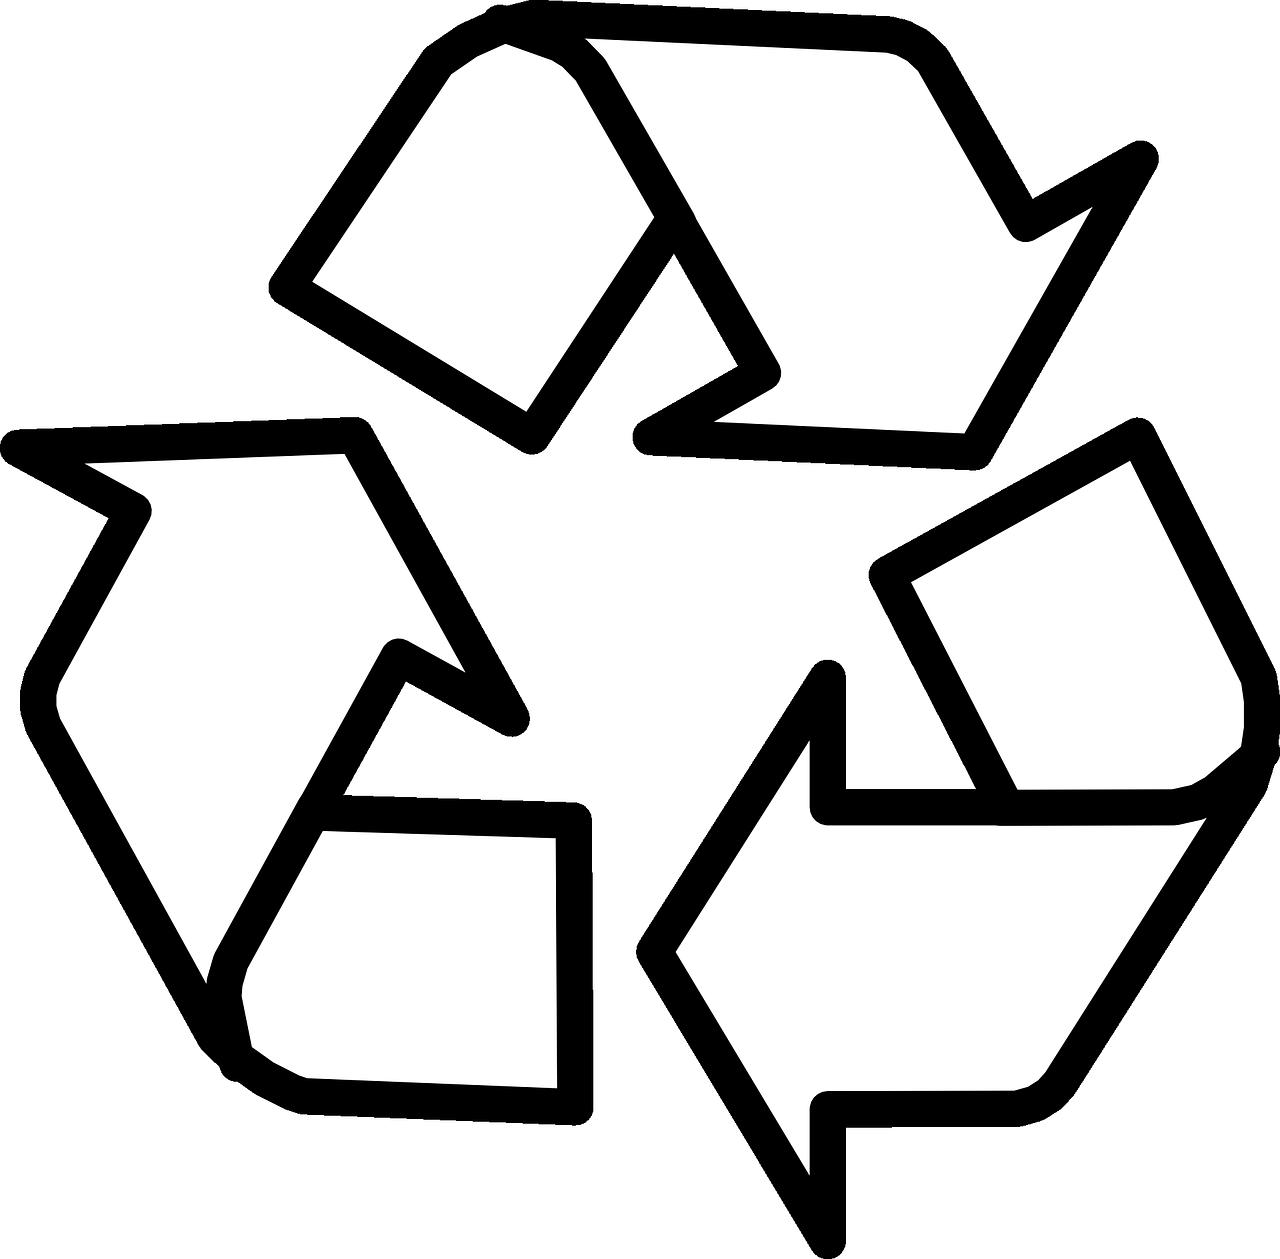 Resultado de imagen de recycle icon free